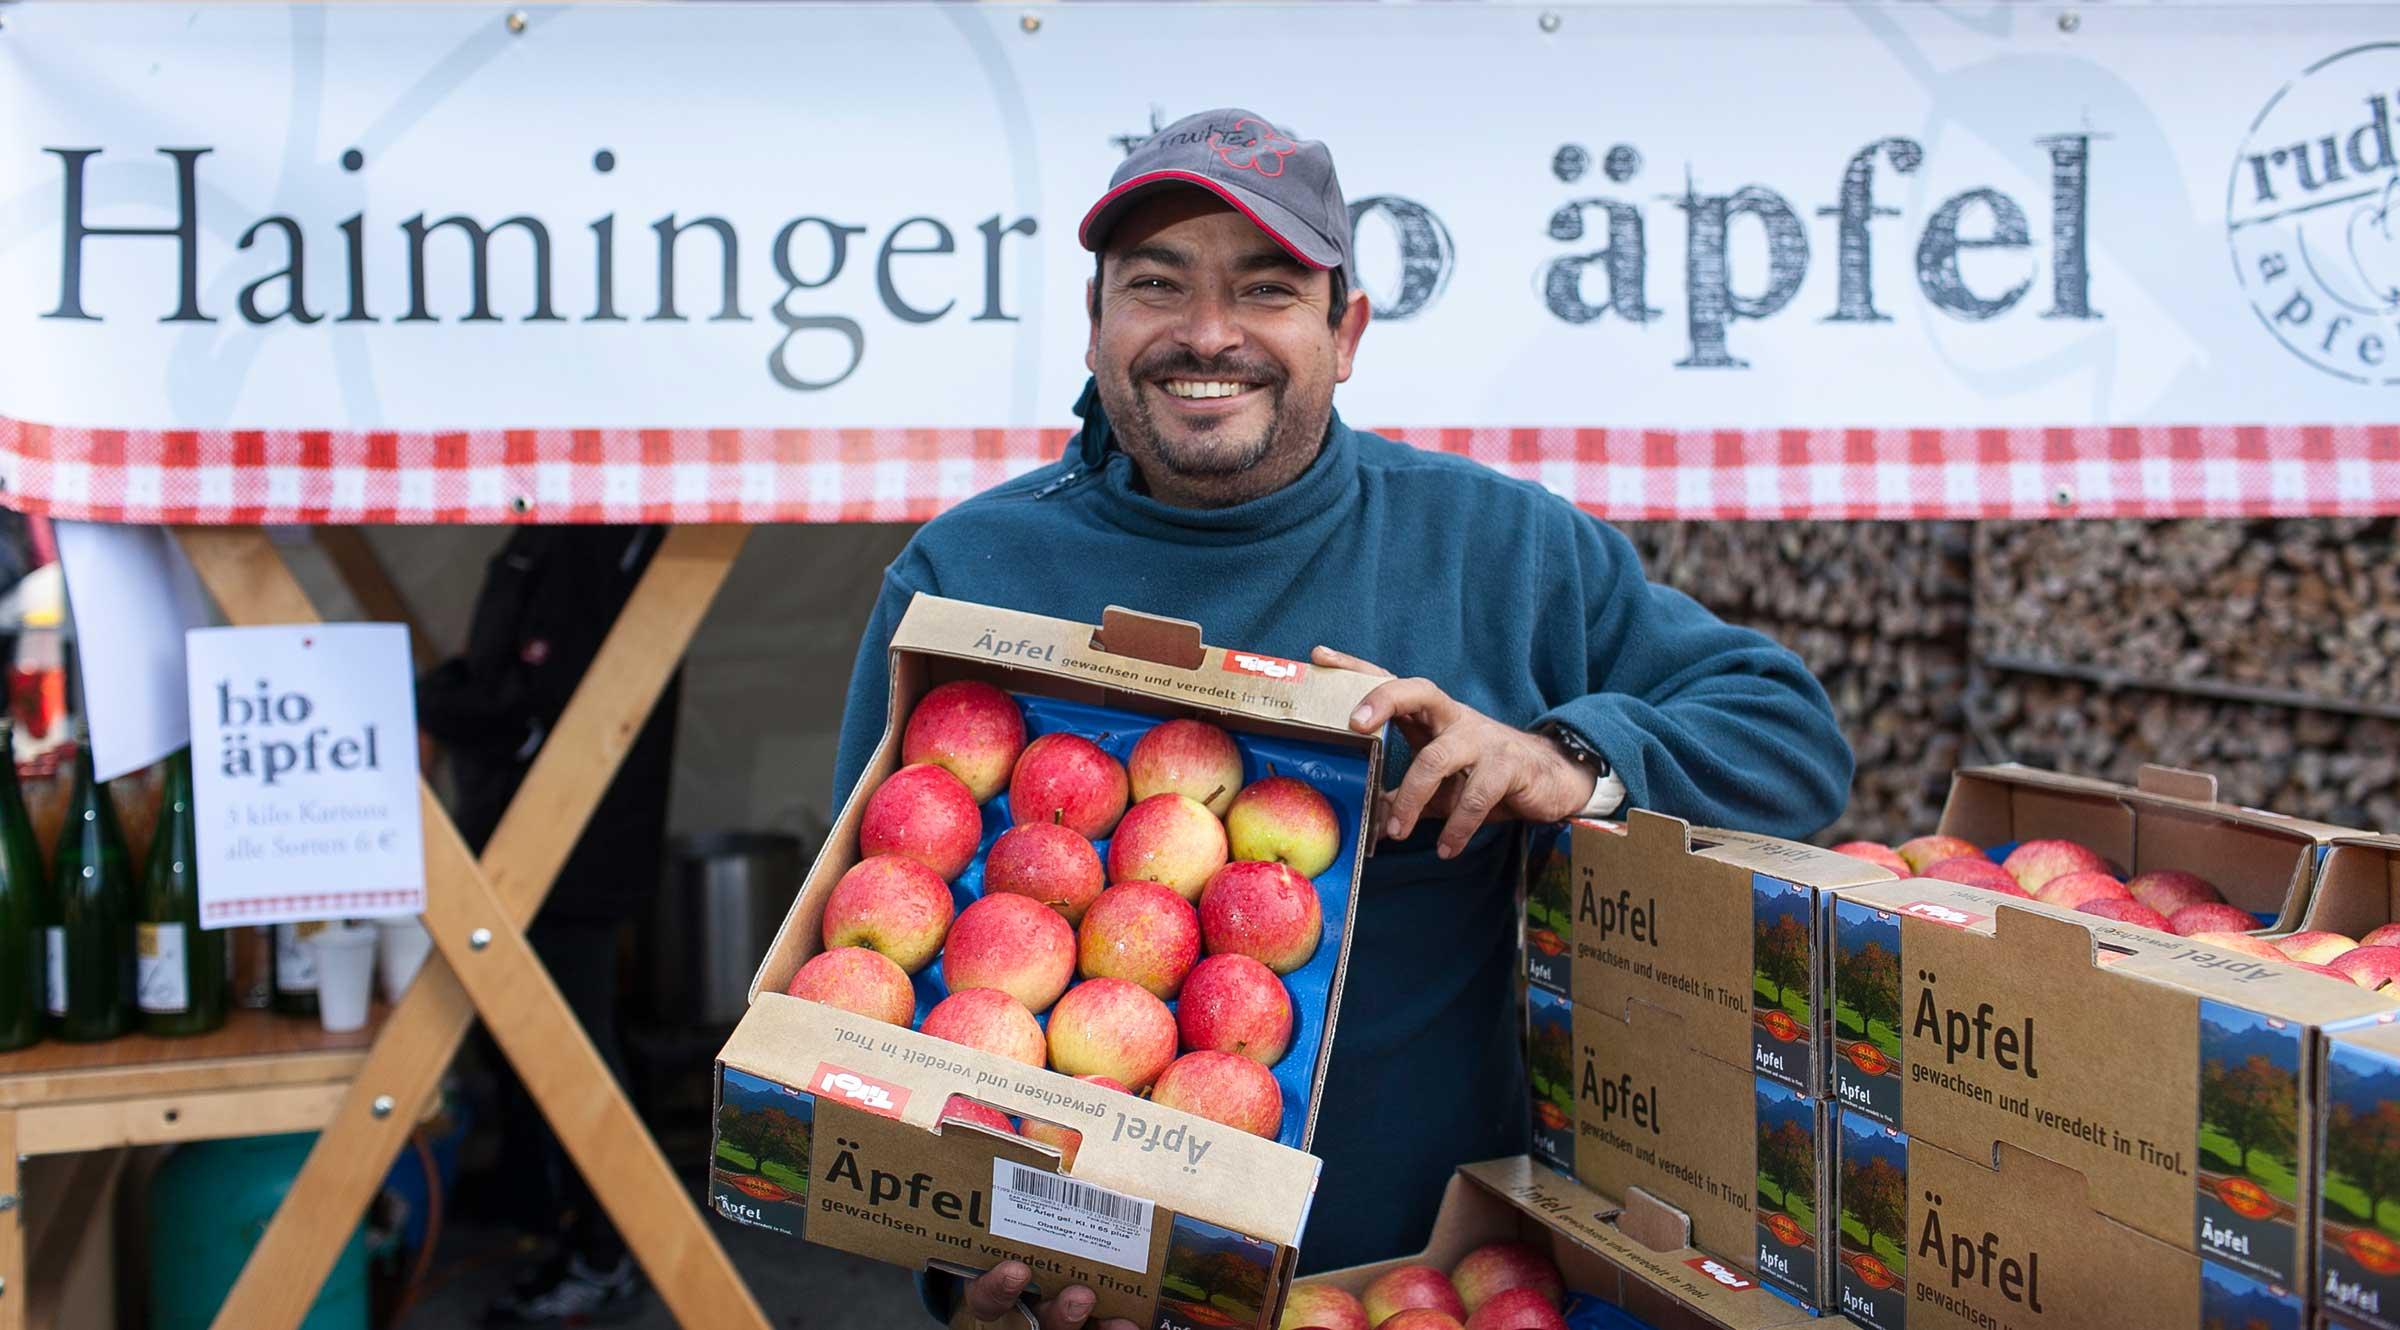 Obstbauer bei den Haiminger Markttagen - Herbsturlaub Haiming